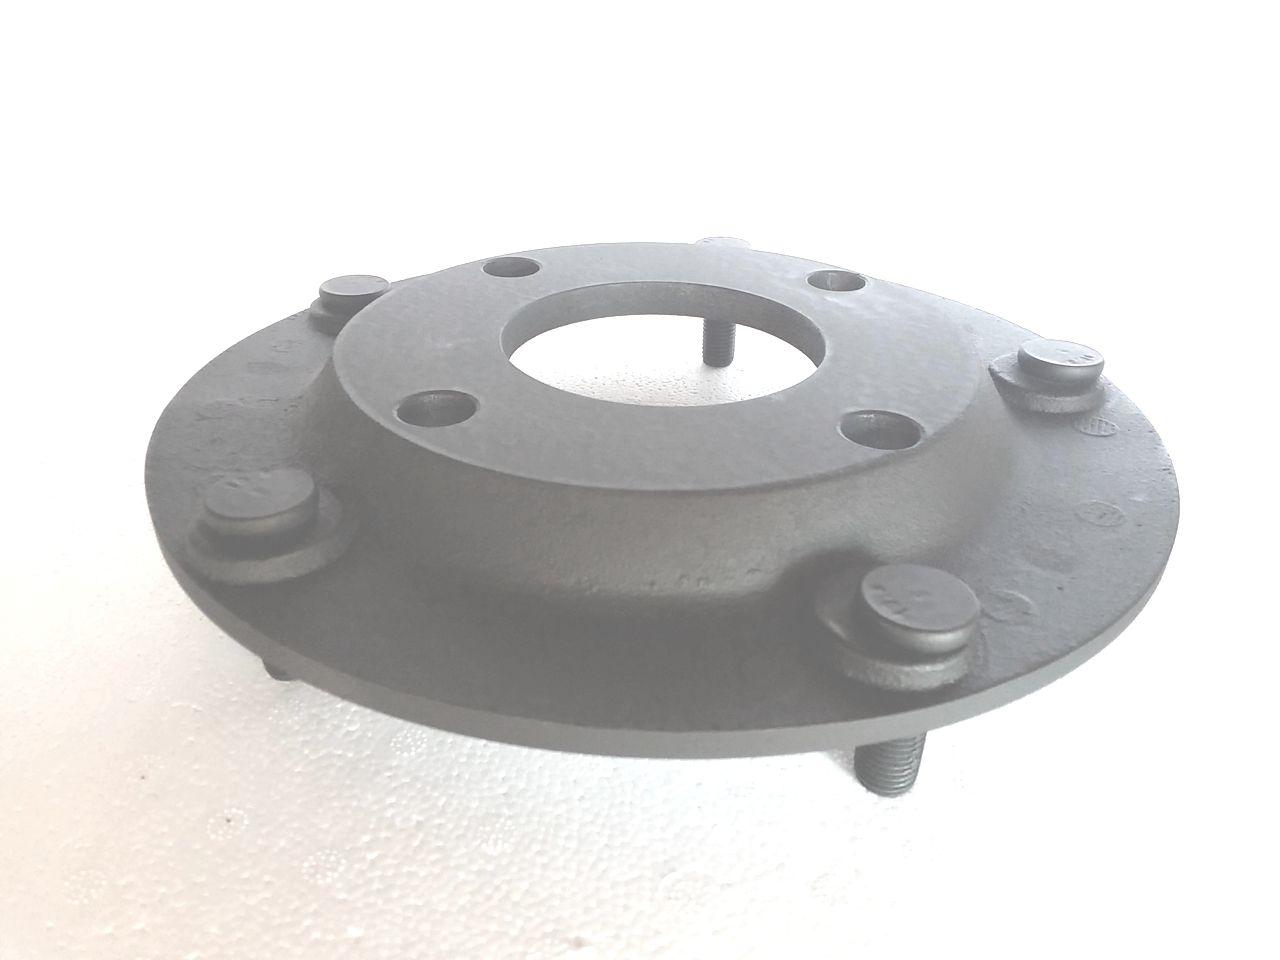 02 Pçs Adaptador De Roda De Fusca 4 F 4x130mm P/ 5x205mm Zi